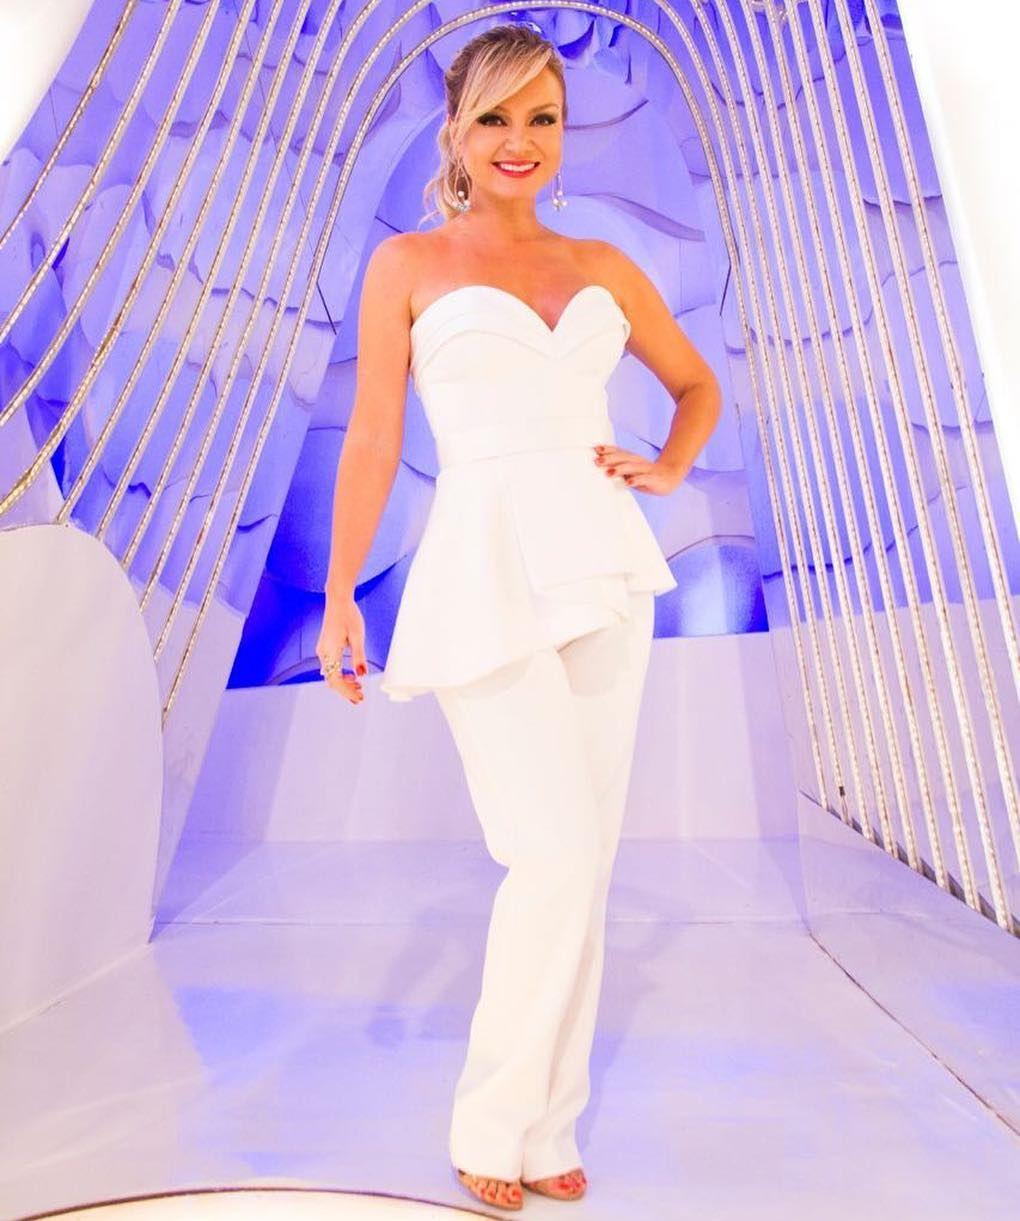 Increíble Vestido De Novia Gilmore Lorelai Cresta - Vestido de Novia ...